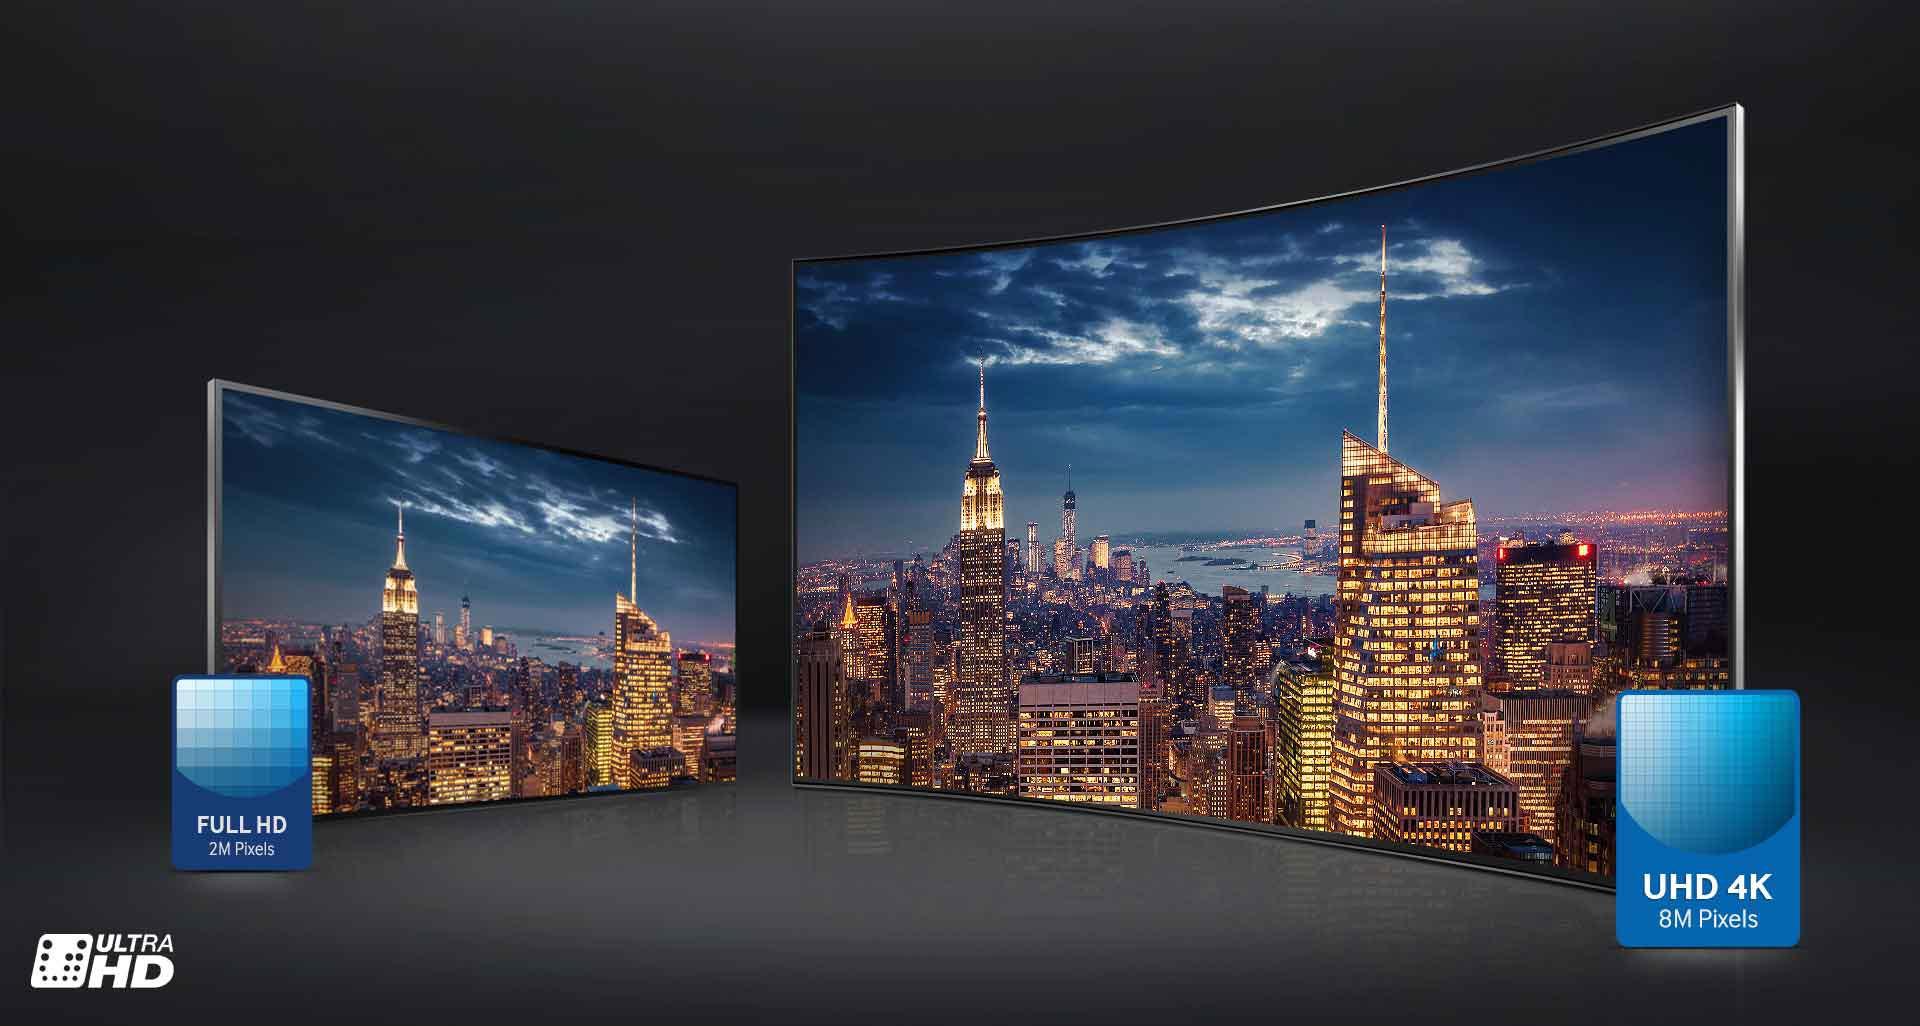 تلویزیون ال ای دی منحنی سامسونگ 40 اینچ سری 7 اسمارت JUC7920